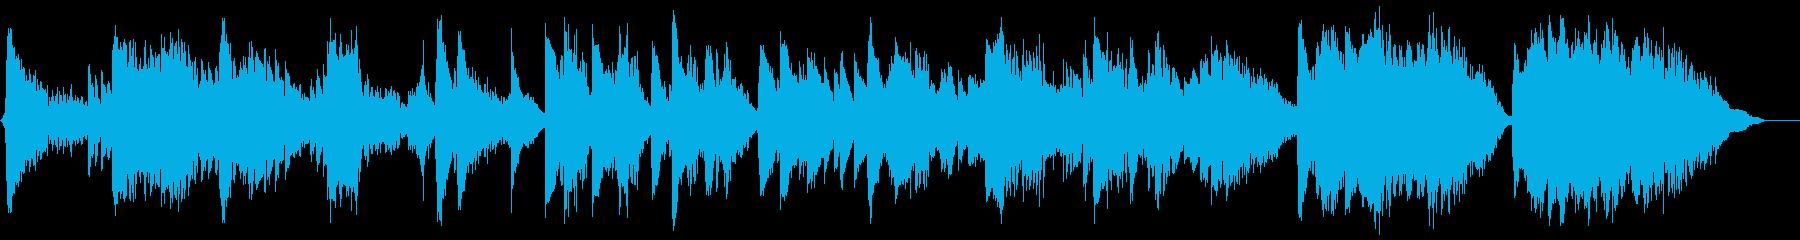 不思議な雰囲気のシンセサイザーとピアノの再生済みの波形